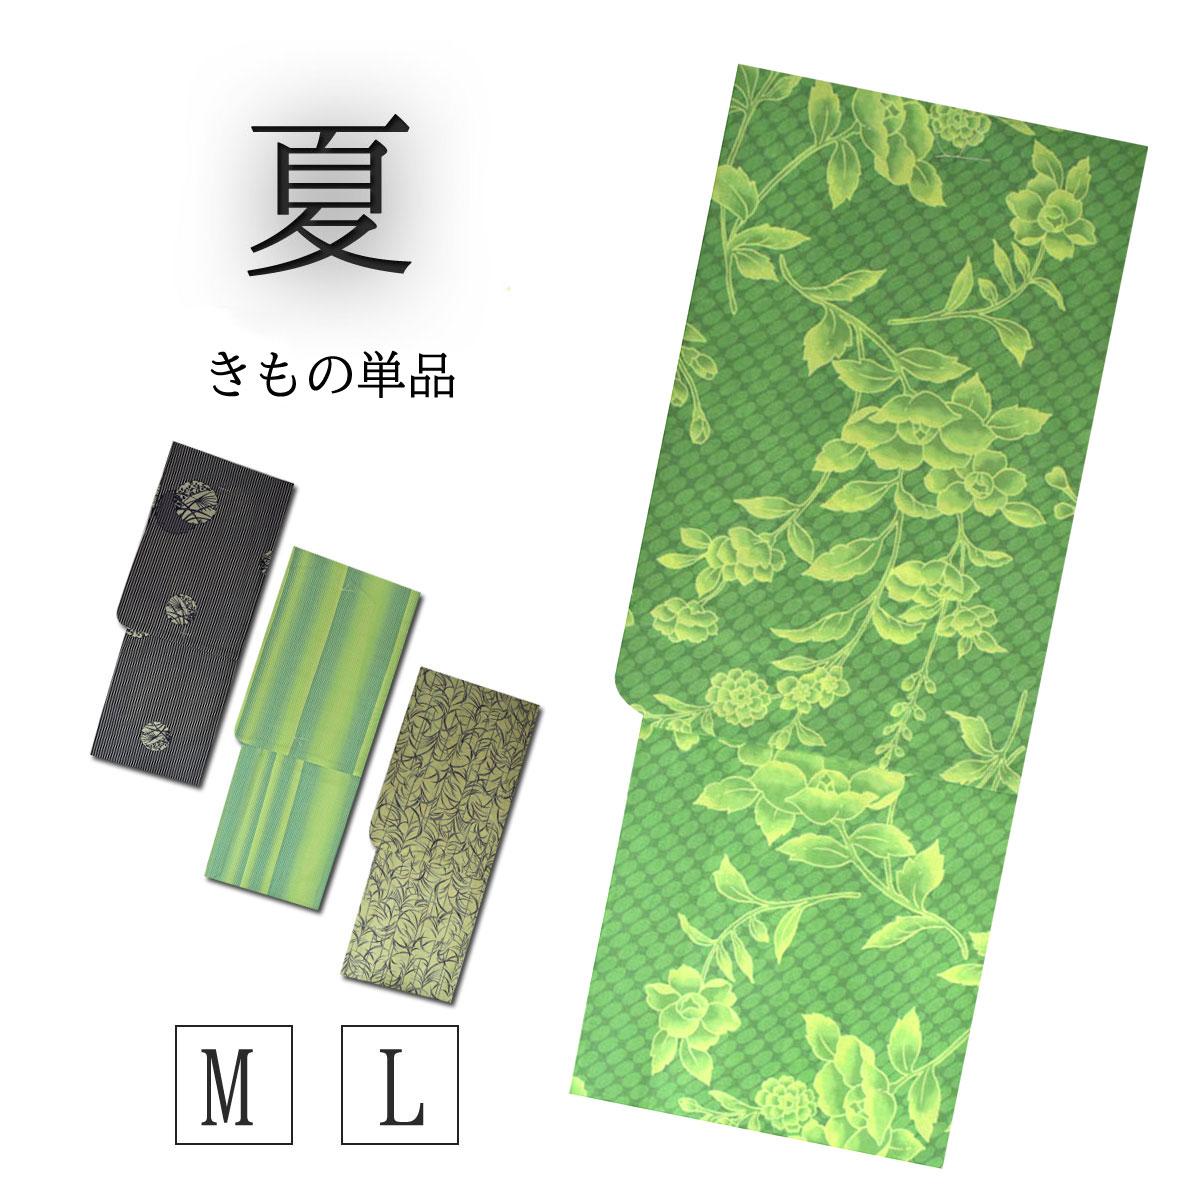 ※クーポン利用対象外※ 夏 安心と信頼 紗 洗える着物 単品 小紋 Mサイズ 番号c6-41 Lサイズ 全品最安値に挑戦 着物 きもの キモノ kimono